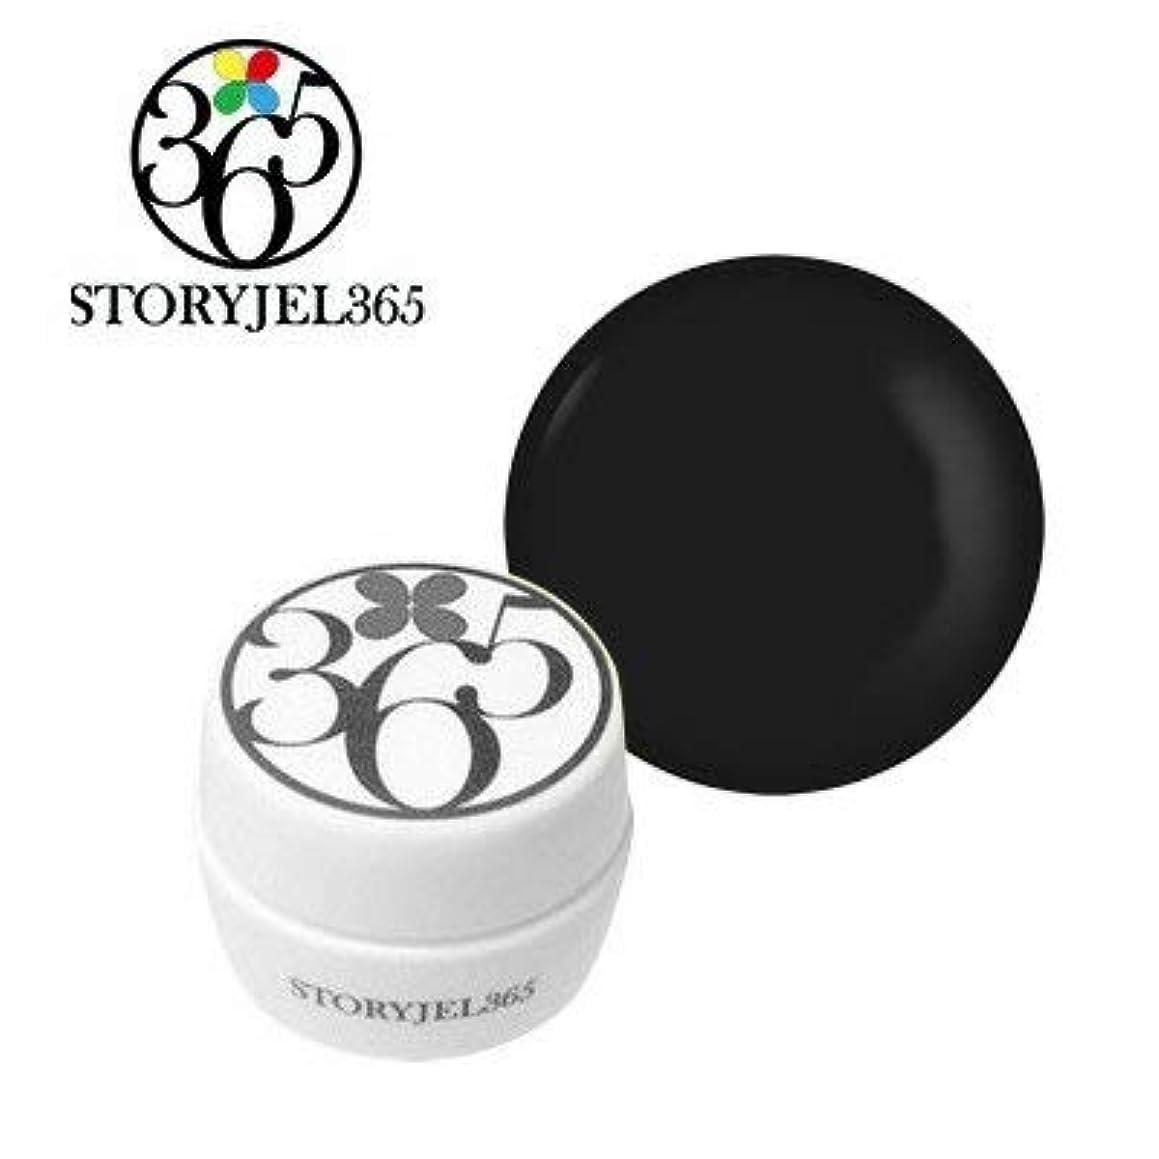 終わらせるバラエティ毎月STORYJEL365 カラージェル 5g (ストーリージェル) SJS-301M-D 聖なる石